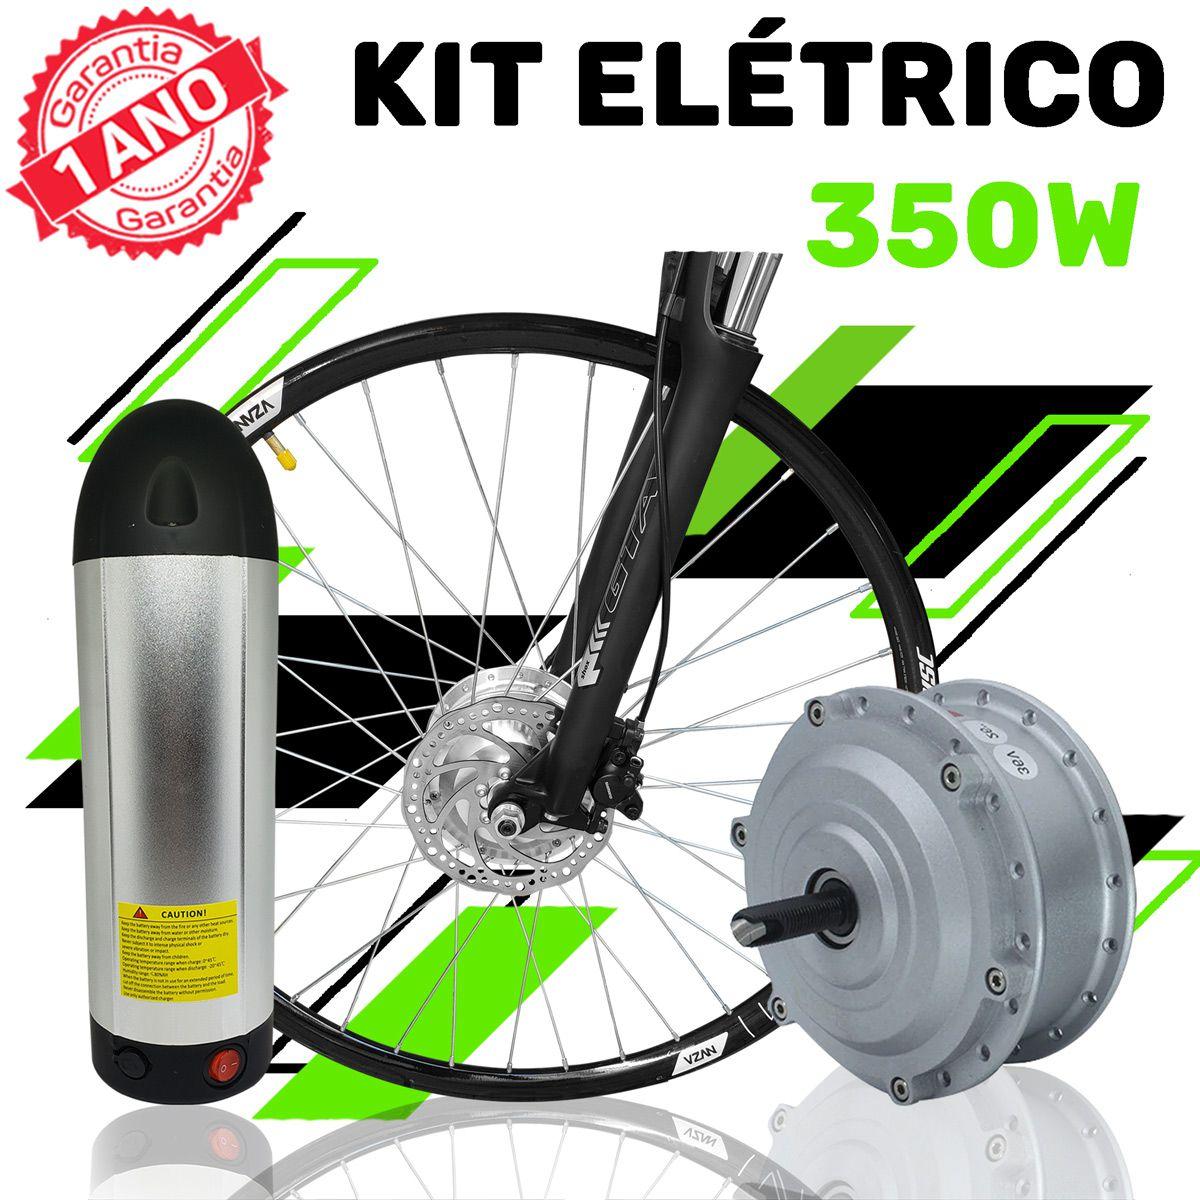 Kit Elétrico para Bicicleta - TecBike - Bateria Cilíndrica - 350 Watts 36V - Aro 29